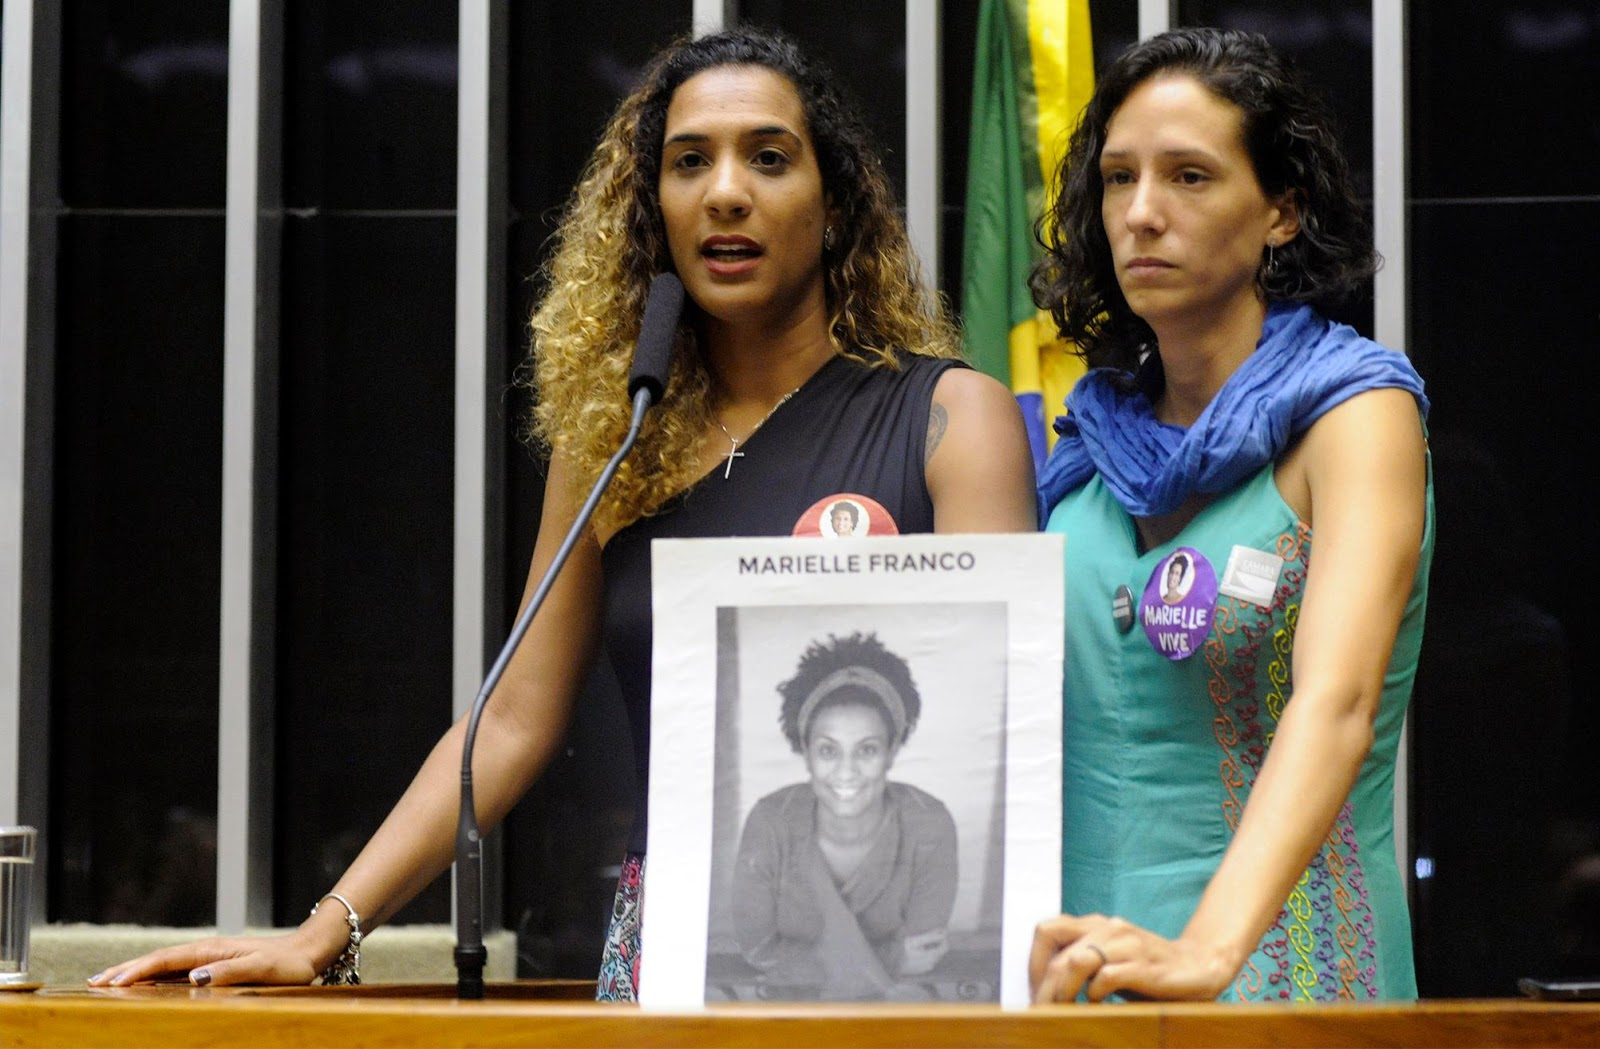 Monica, mulher de Marielle Franco, participa de sessão solene na Câmara dos Deputados